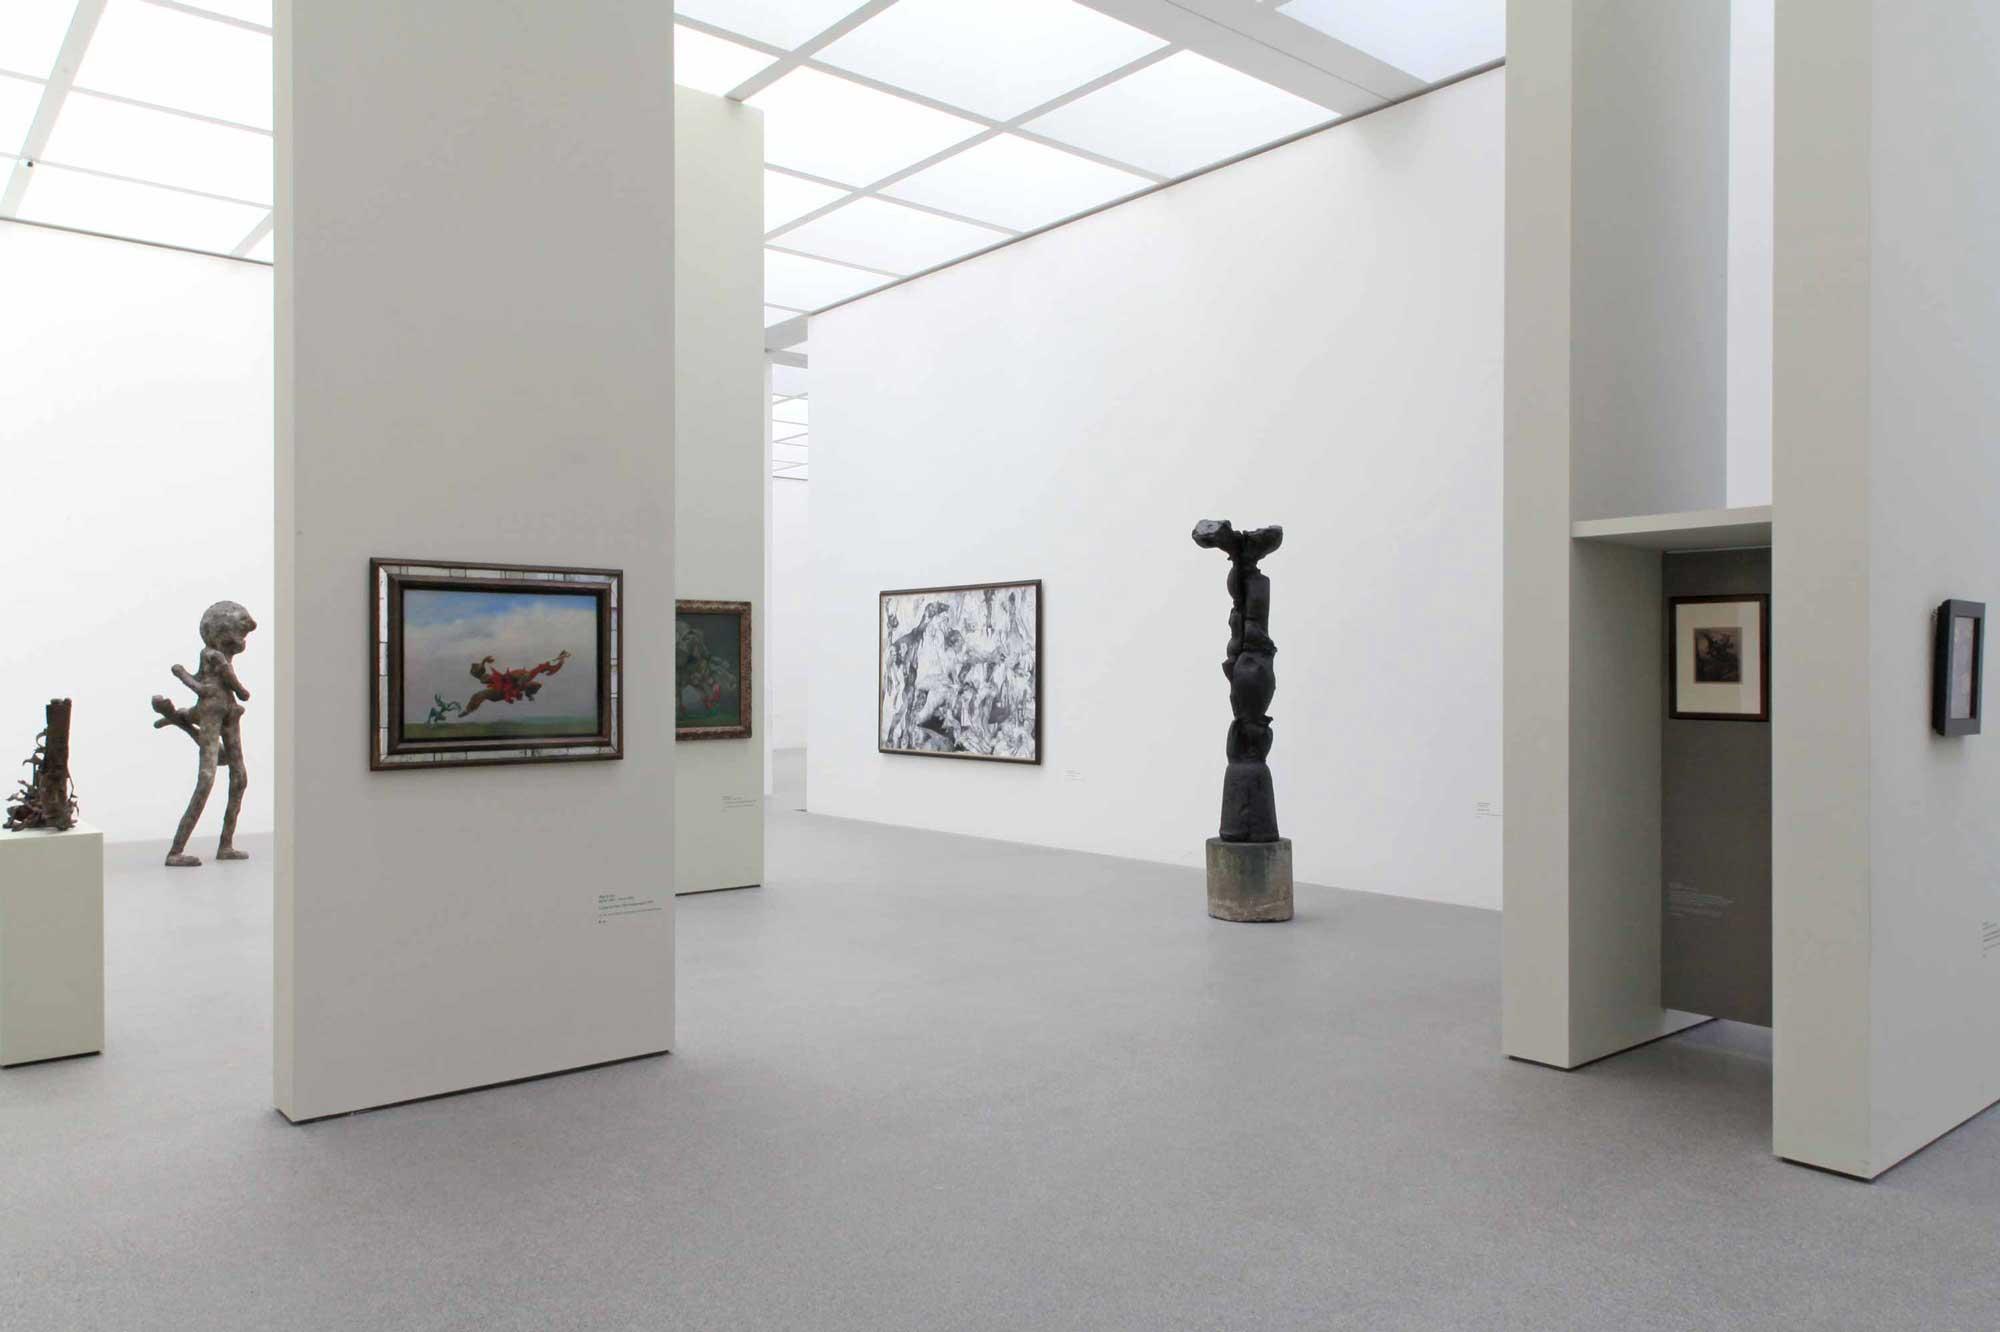 Ausstellungsgestaltung Traum-Bilder Raum 9